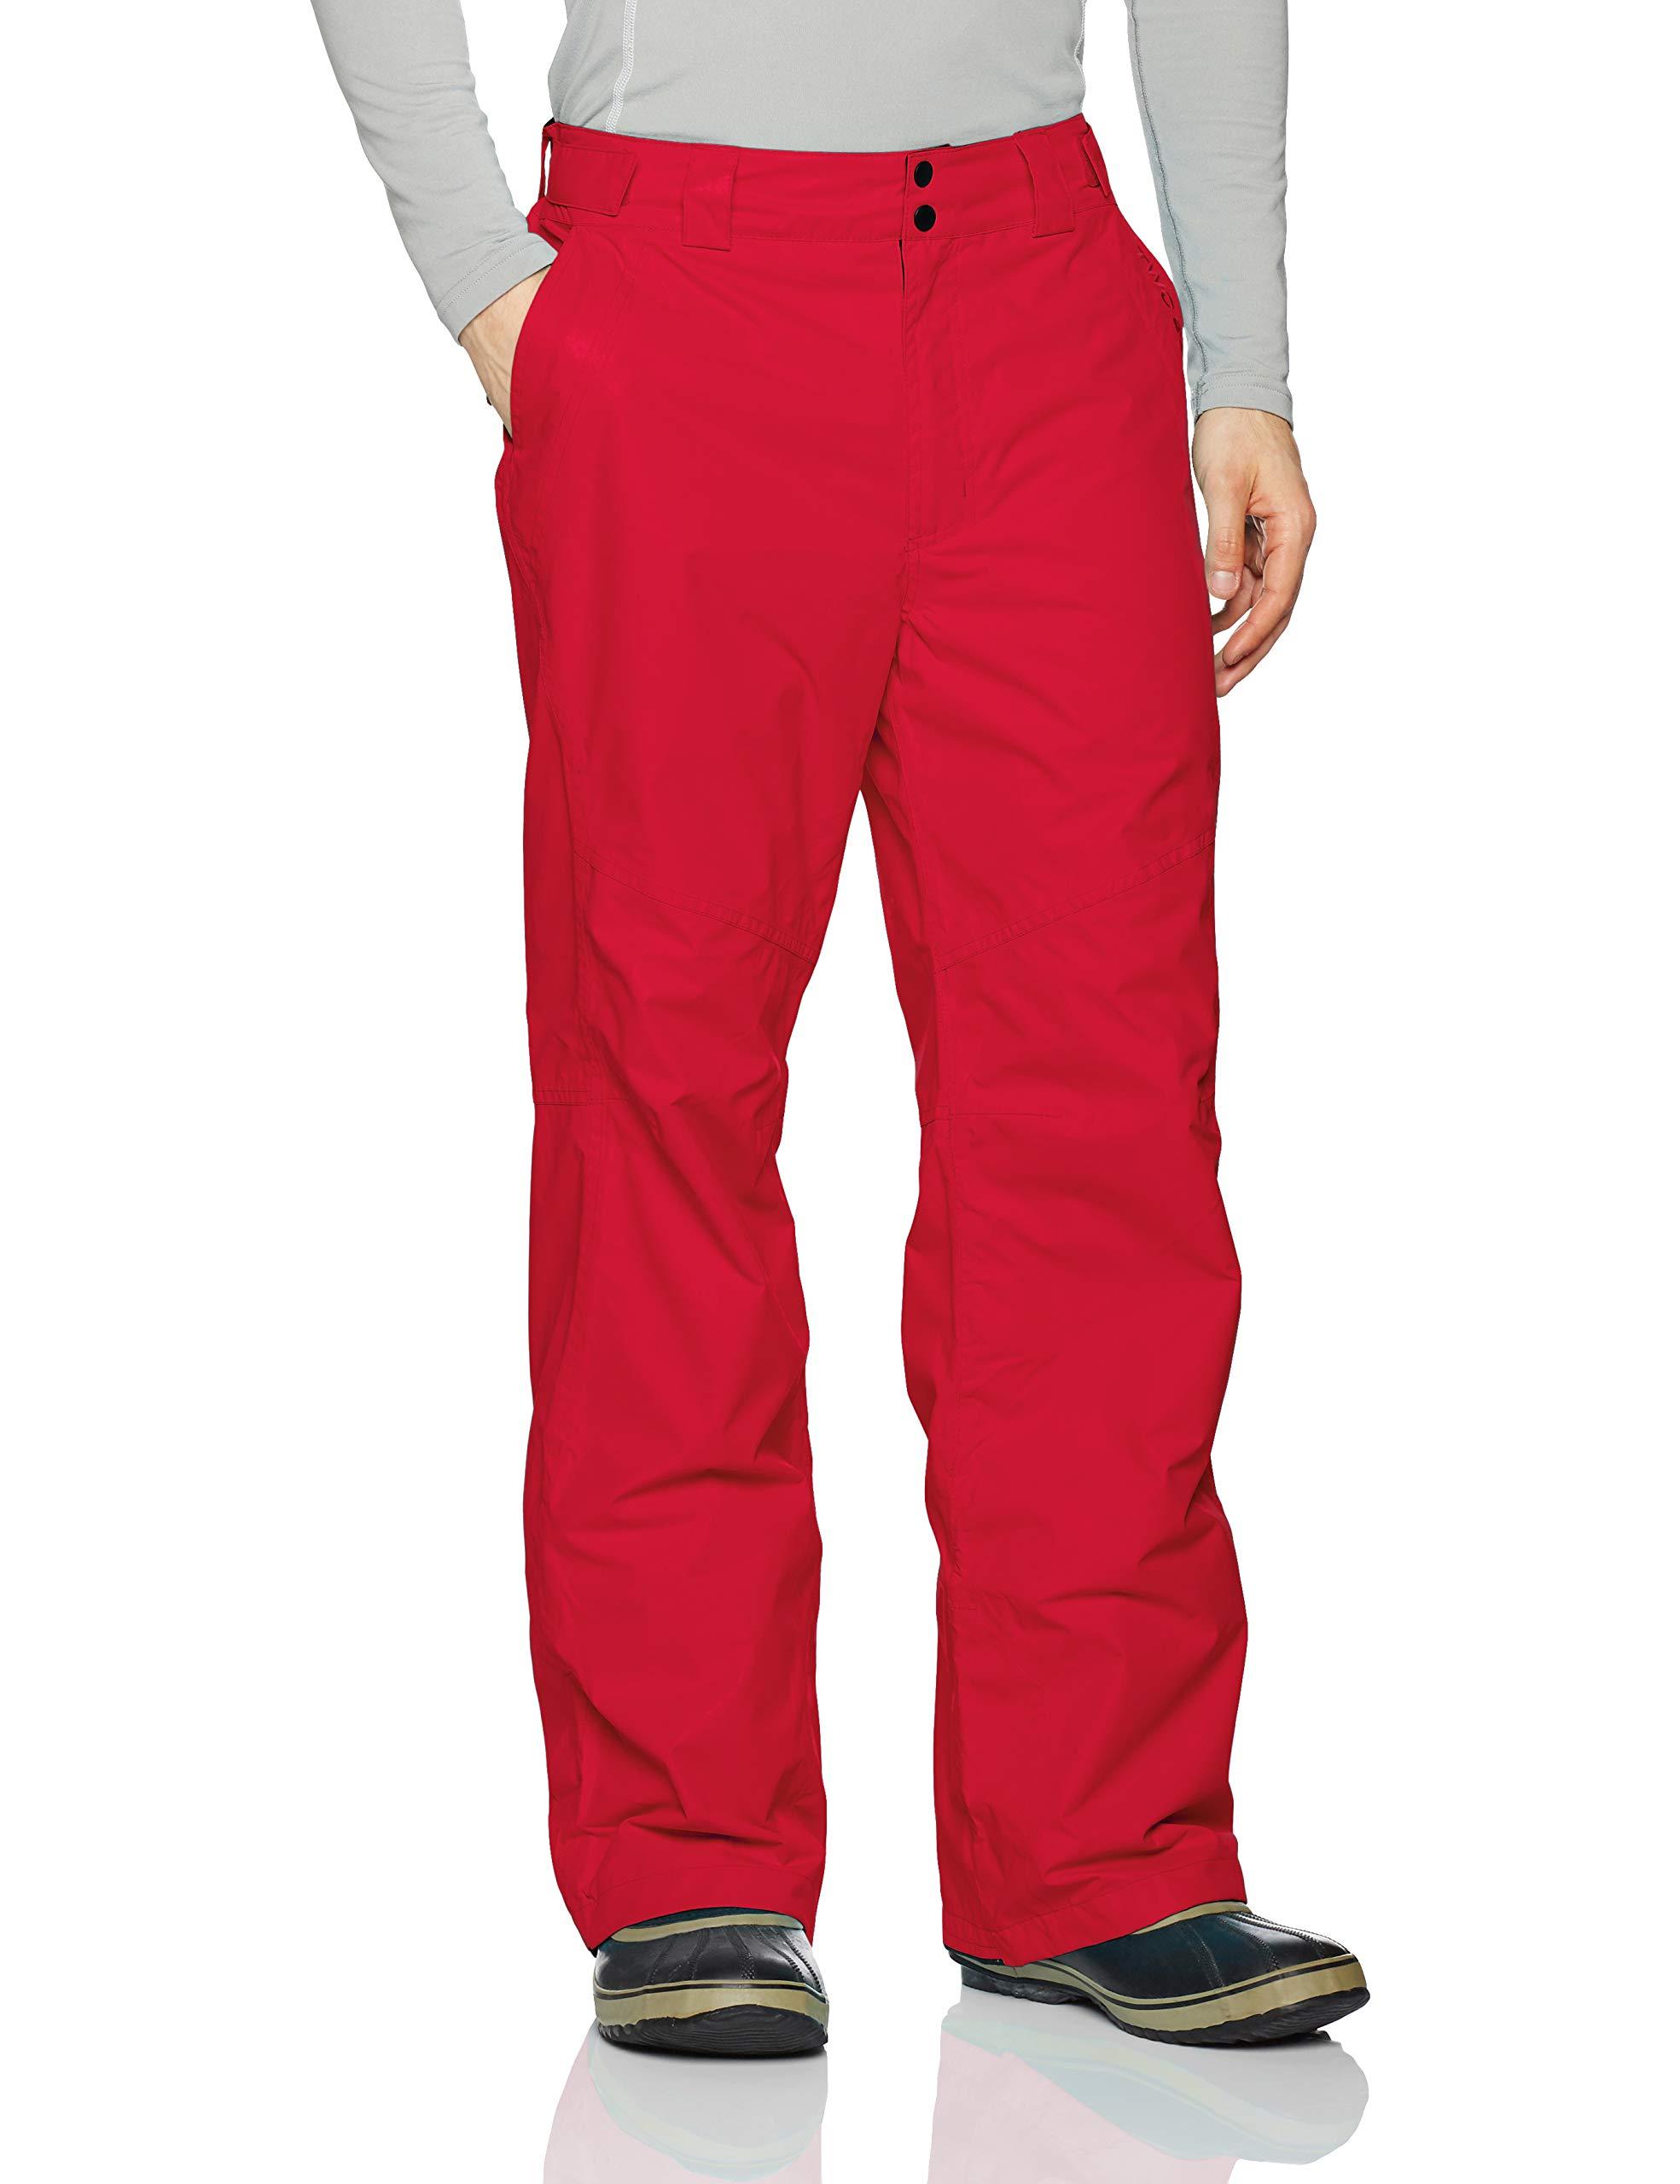 design raffinato 2019 originale Nuovi Prodotti Two Bare Feet - Pantaloni da Sci da Neve da Uomo Claw Hammer - FACESHOPPING